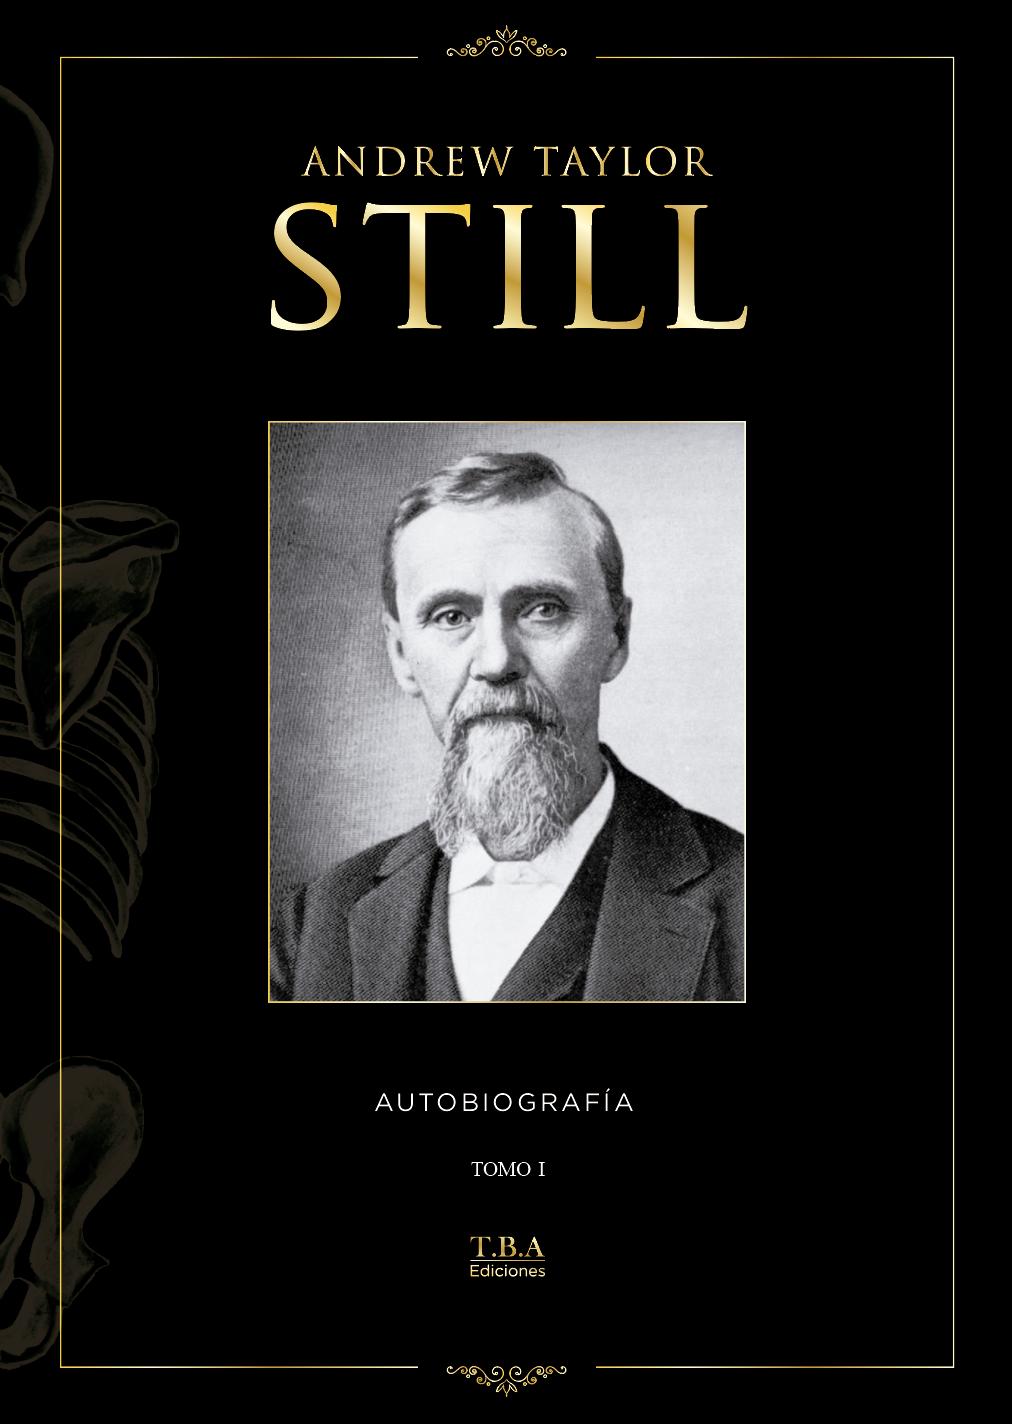 Andrew Taylor Still - Autobiografía